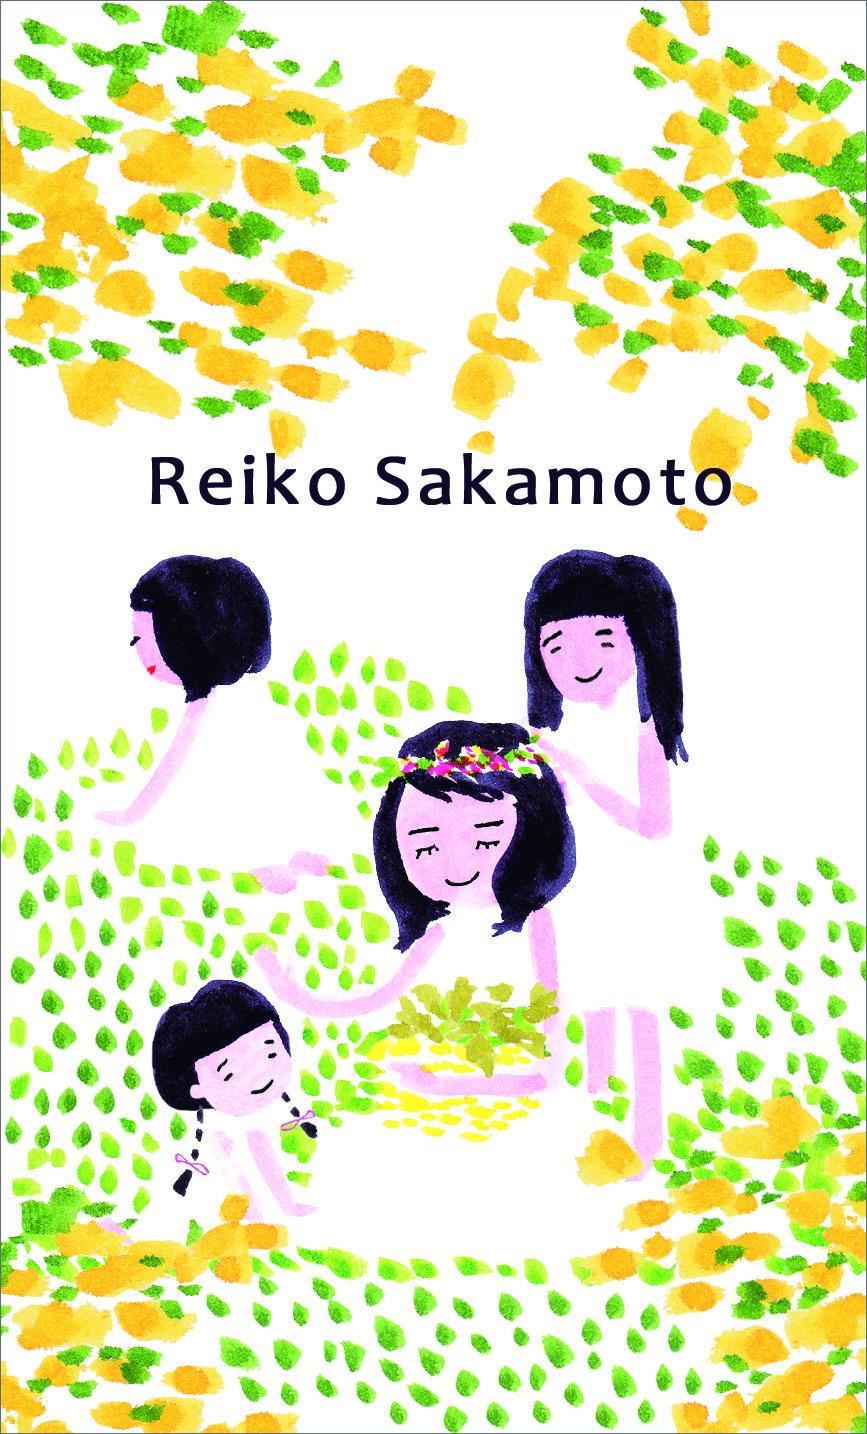 よもぎ蒸しサロン r s room 坂本麗子さんのイラスト名刺を描かせて頂きました 渡して嬉しいもらって嬉しい 似顔絵イラスト名刺